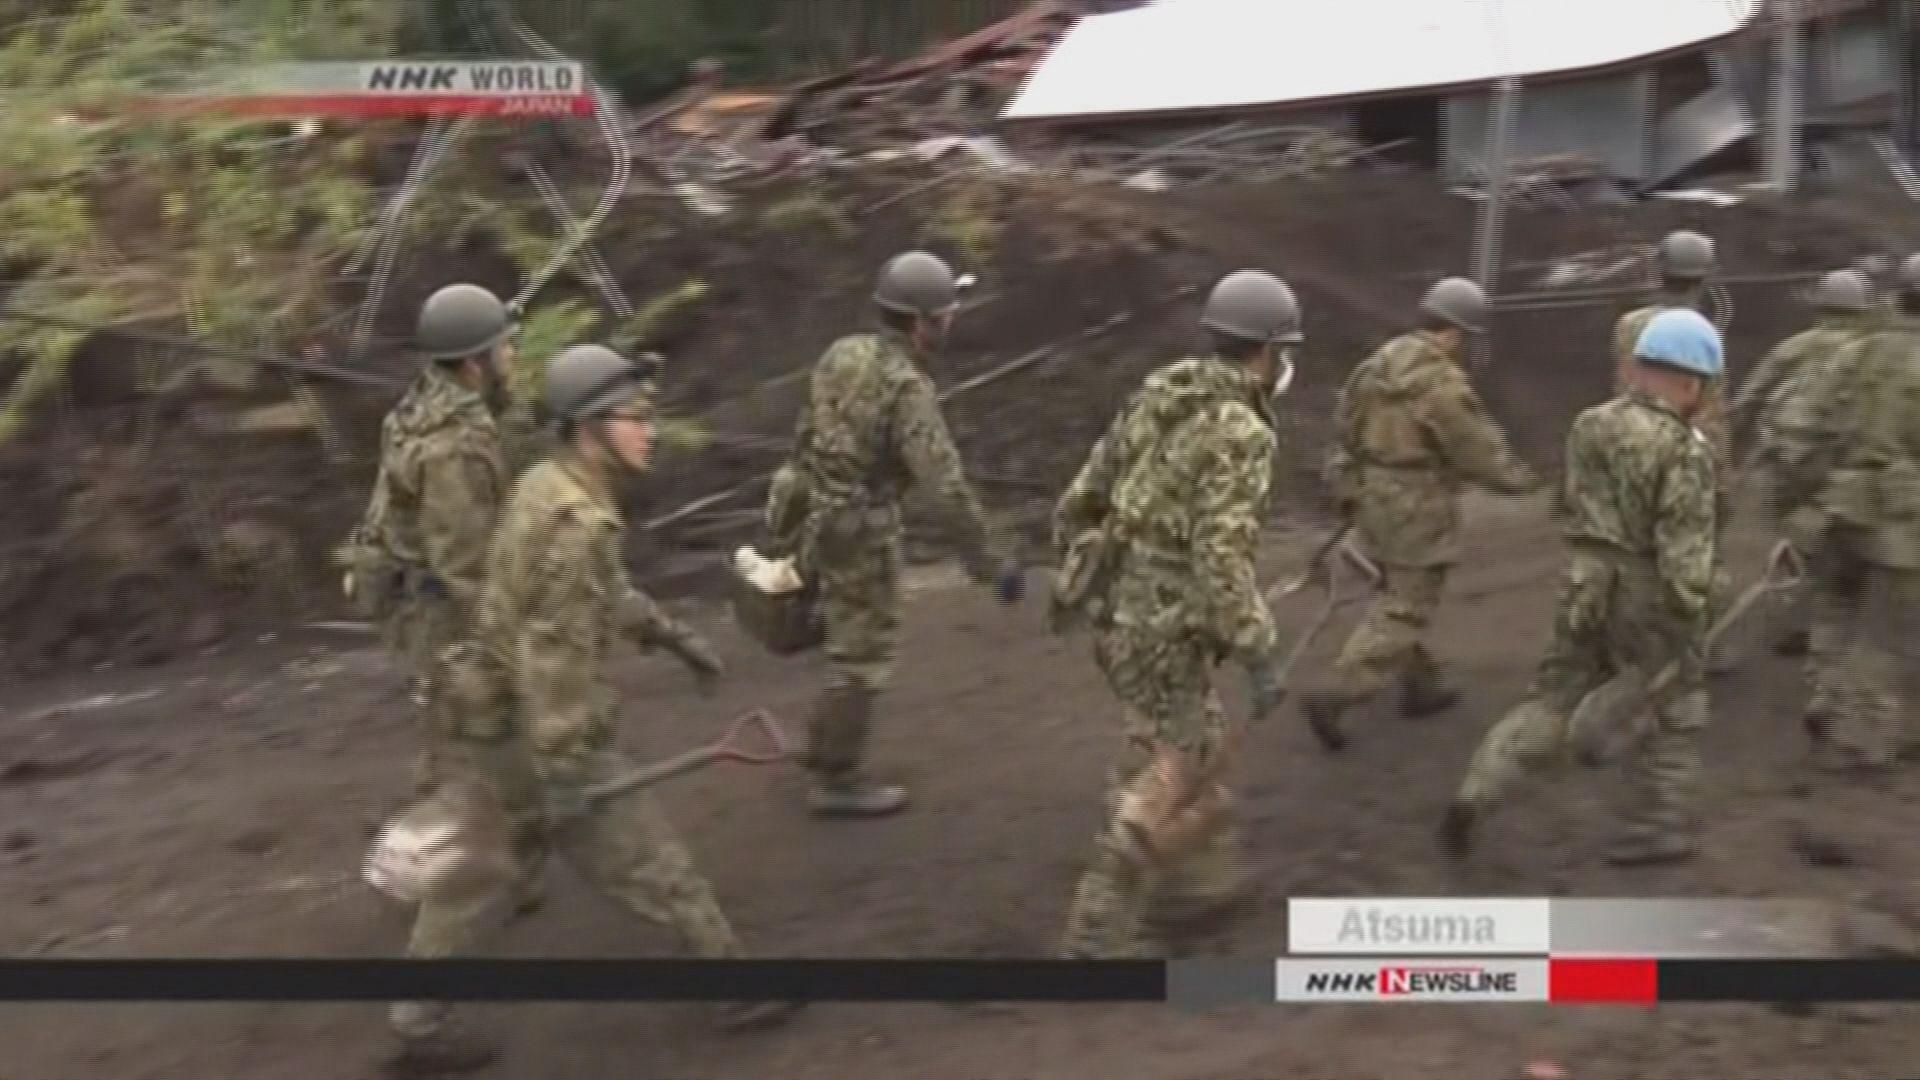 當局繼續於北海道厚真町搜索地震失蹤者